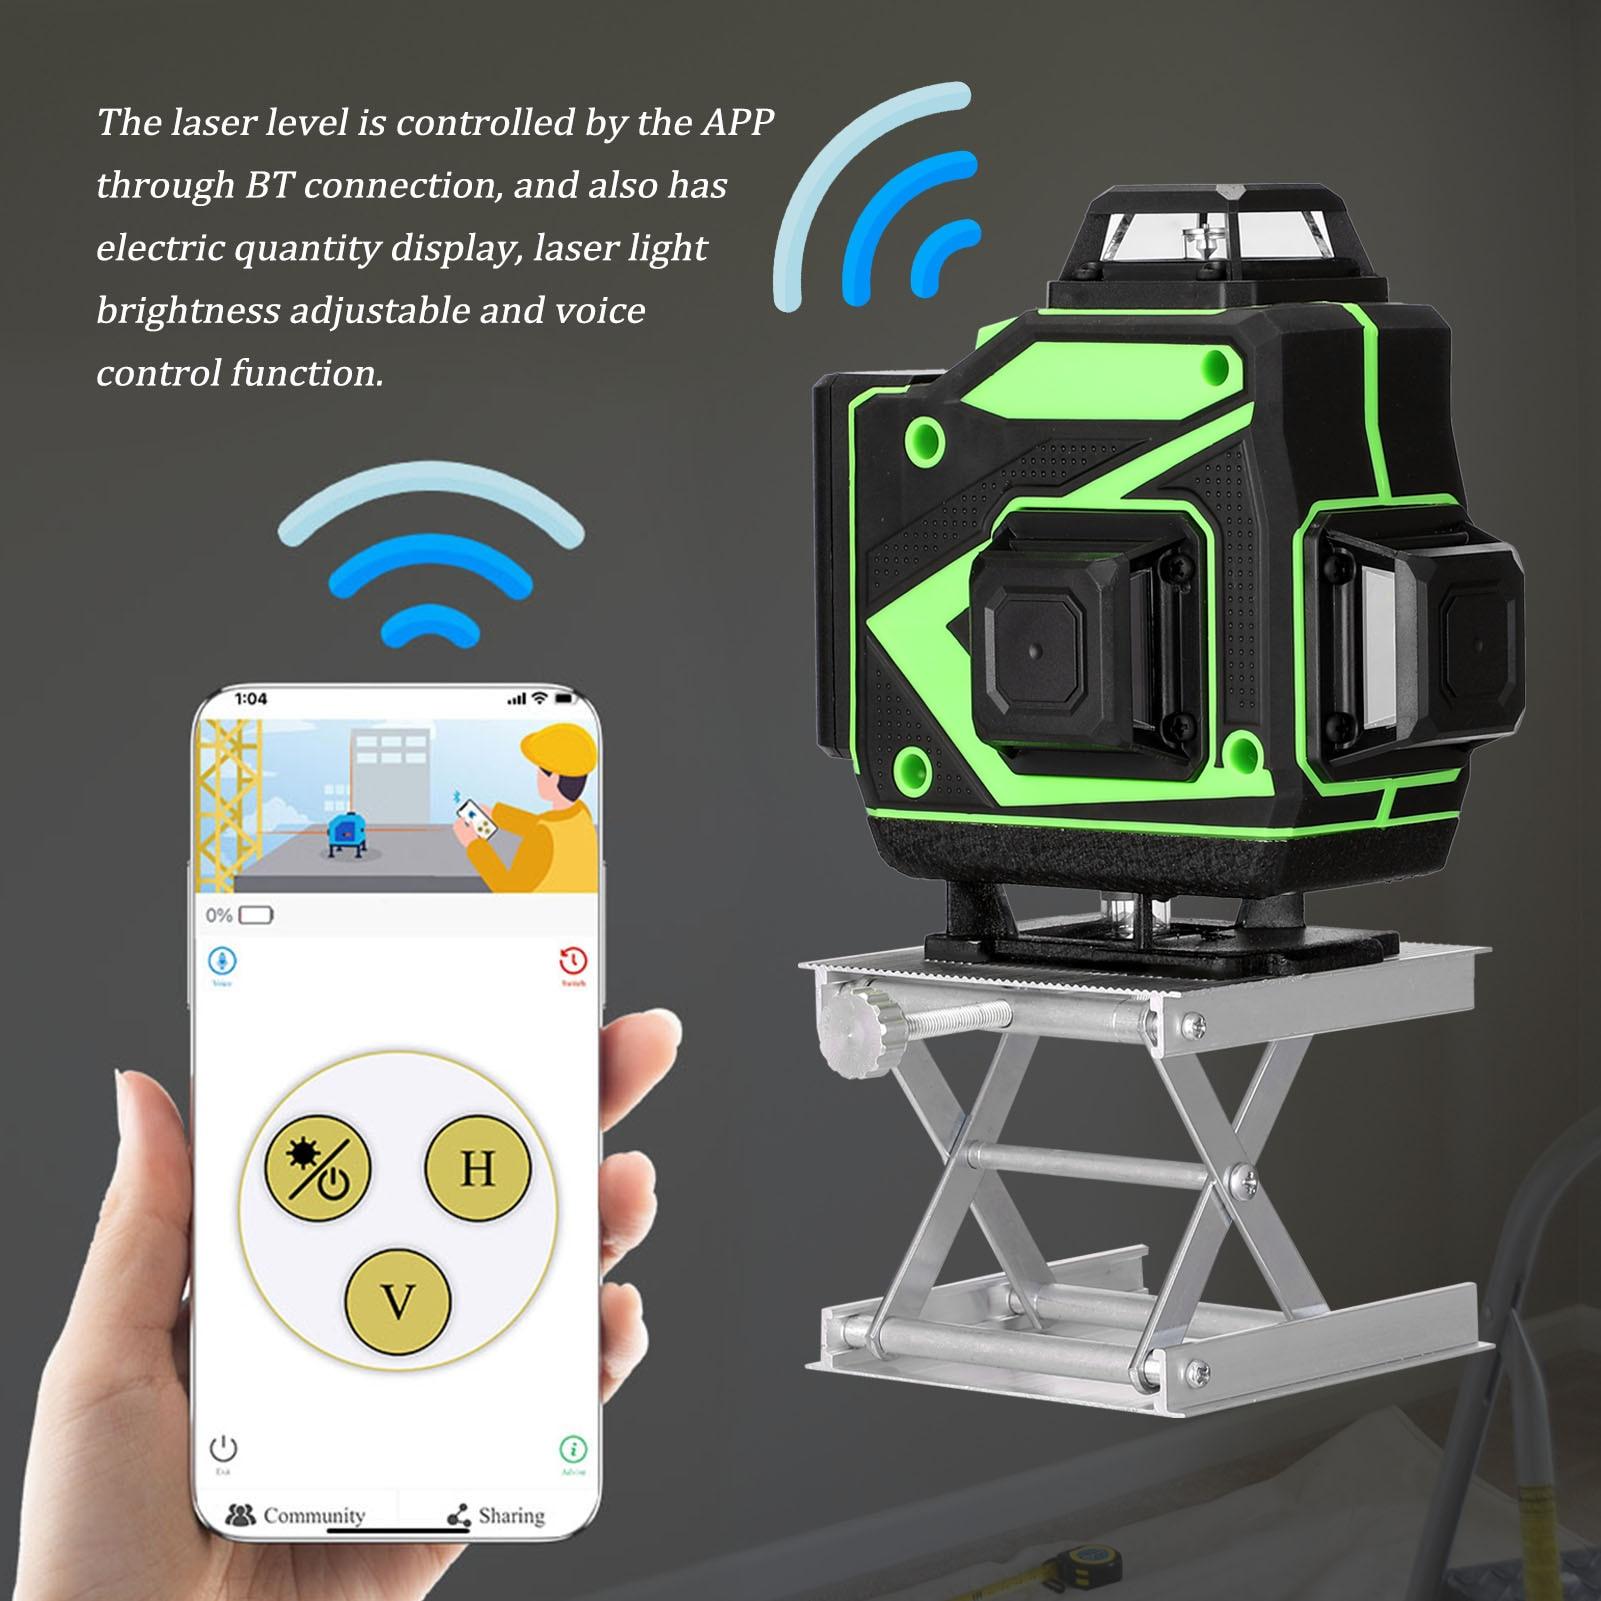 16 خط 4D مستوى الليزر الذاتي التسوية 360 الأفقي والرأسي عبر سوبر قوية مستوى الليزر الأخضر أدوات الليزر مستوى الليزر